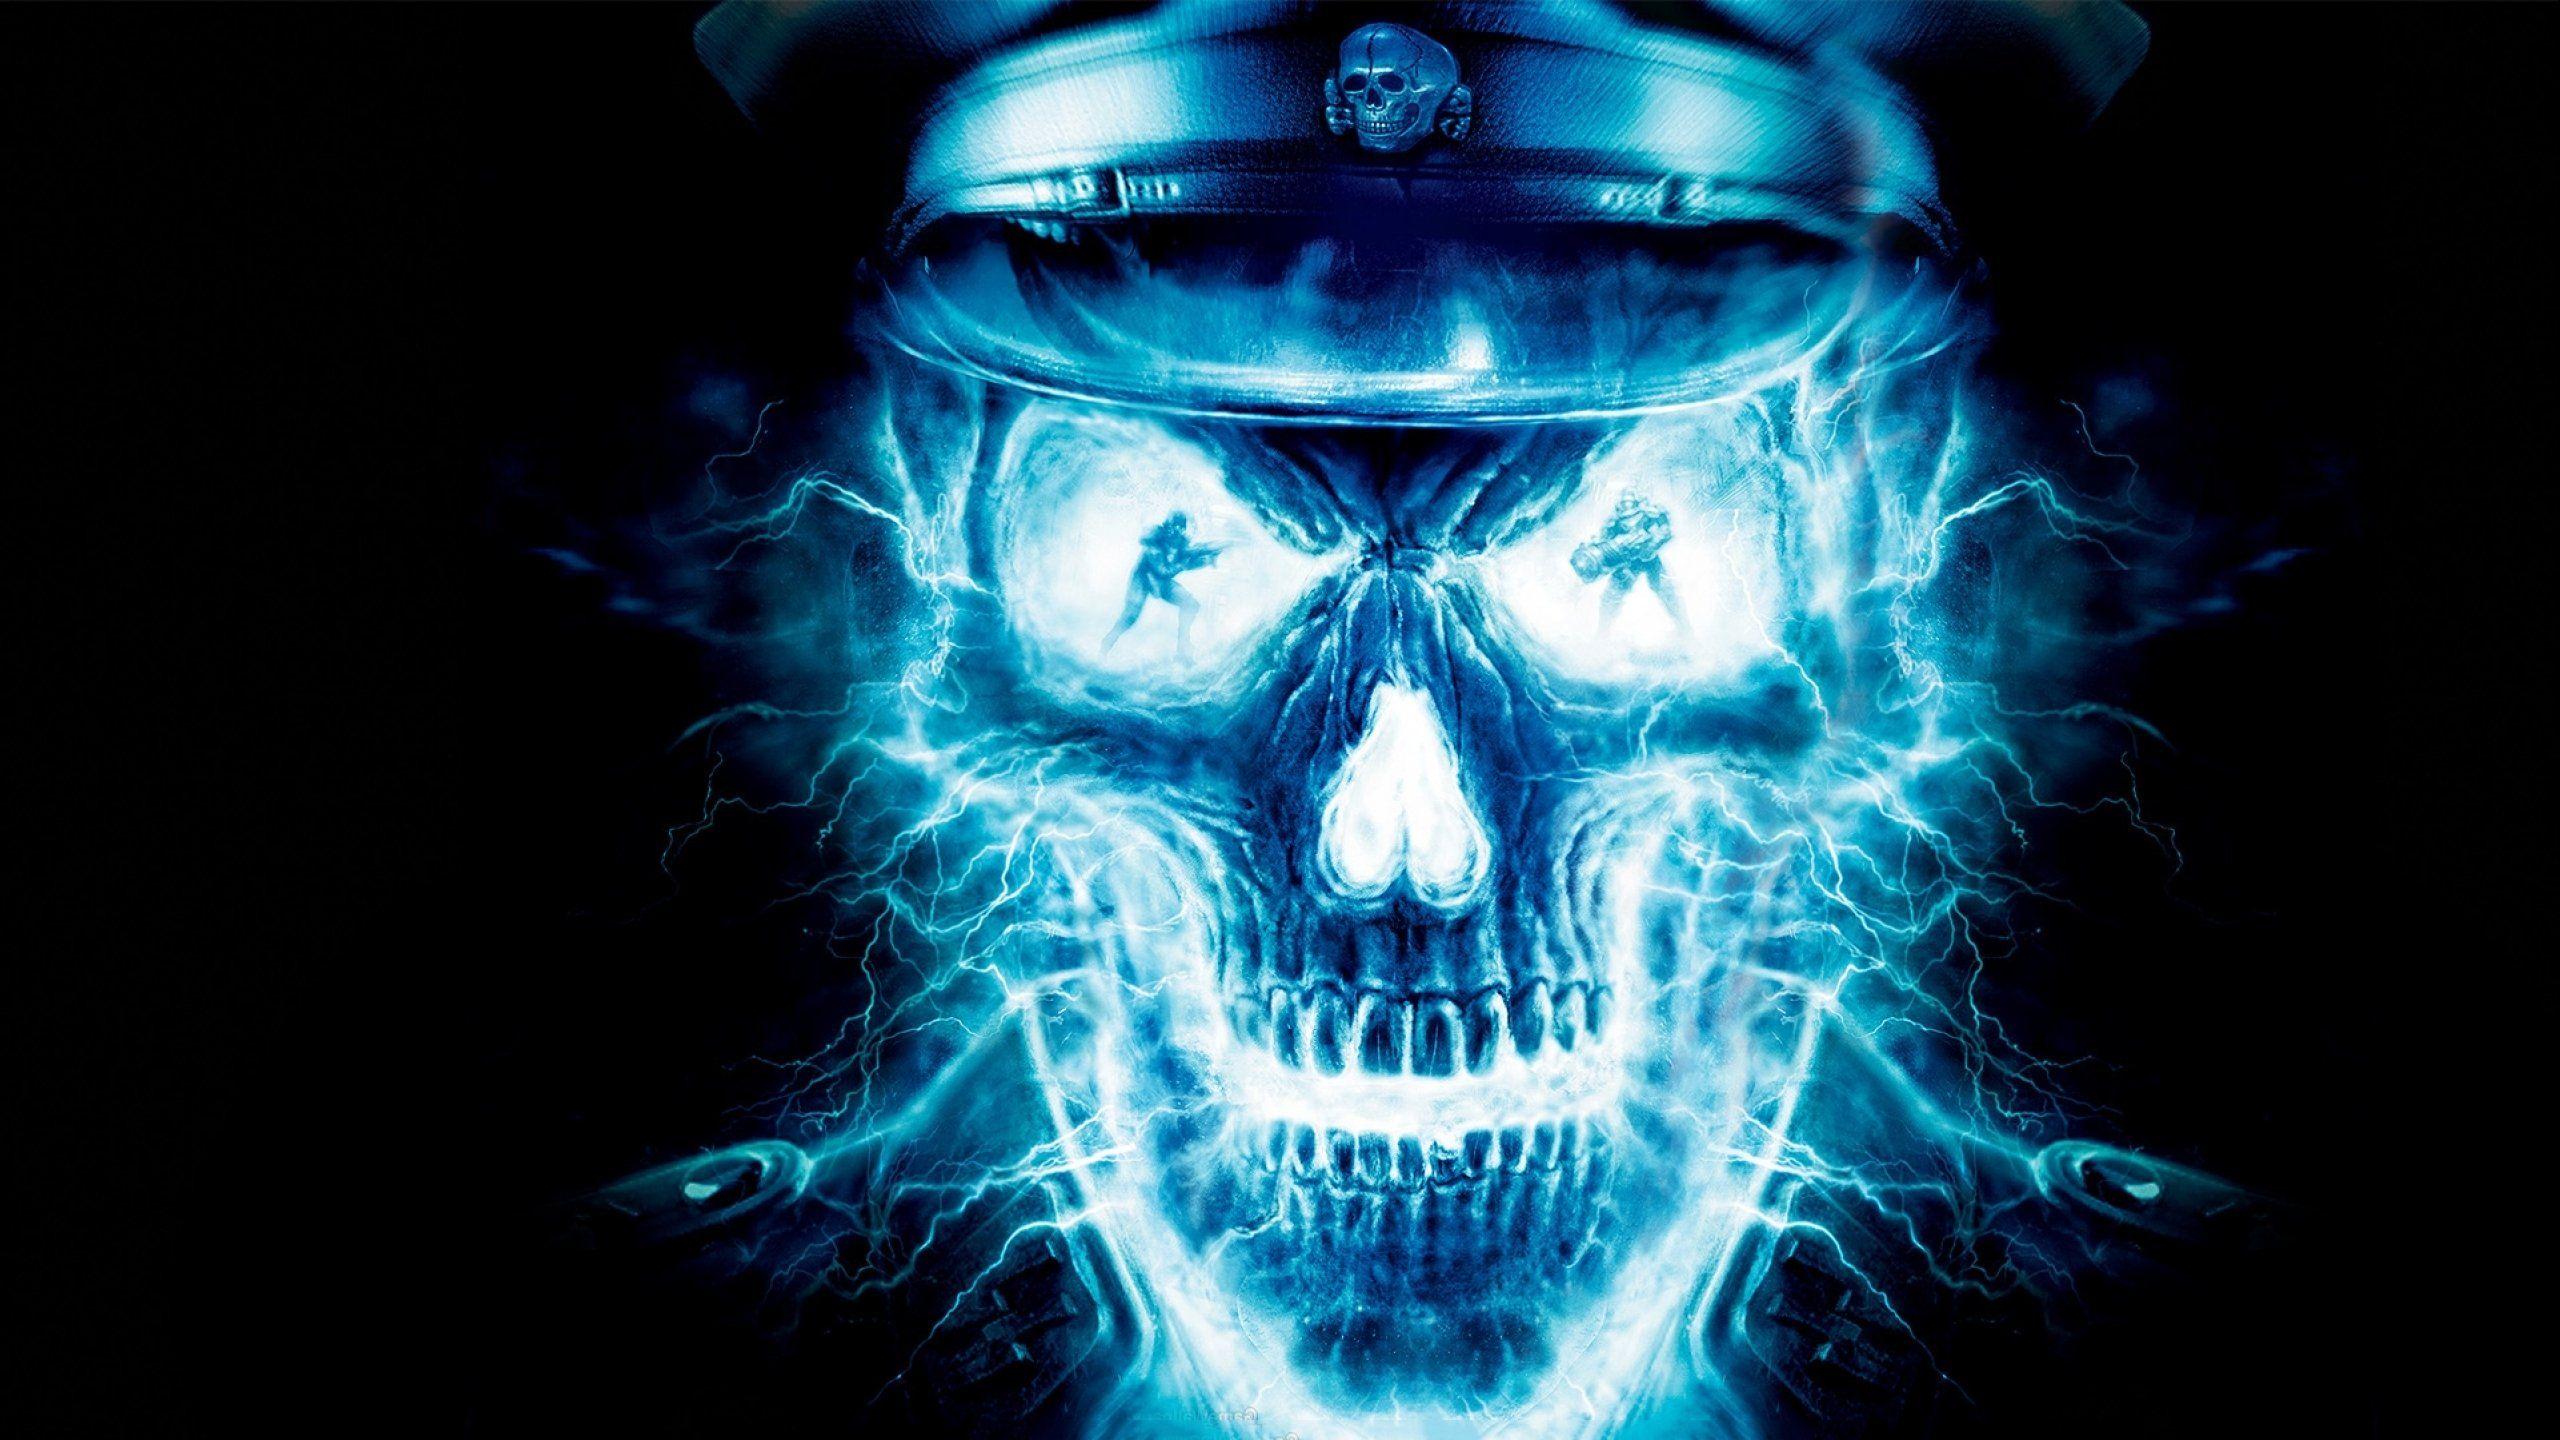 Dark Skull Evil Horror Skulls Art Artwork Skeleton D Wallpaper Ghost Rider Wallpaper Skull Wallpaper Neon Wallpaper